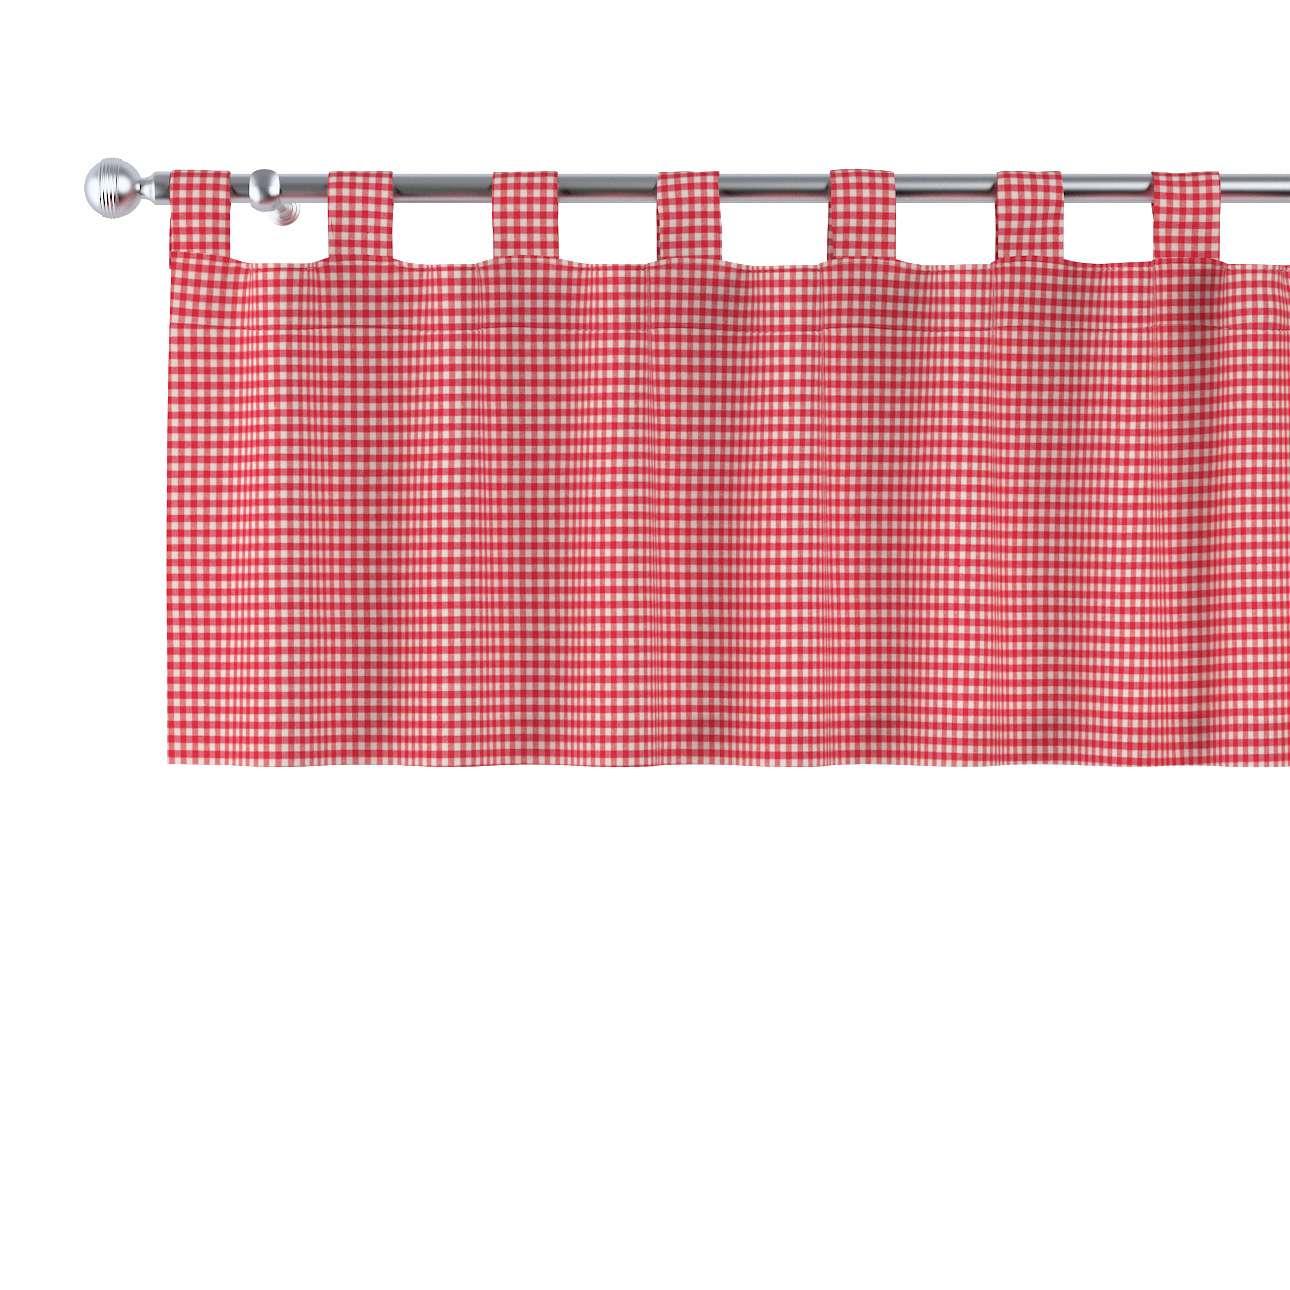 Kurzgardine mit Schlaufen von der Kollektion Quadro, Stoff: 136-15